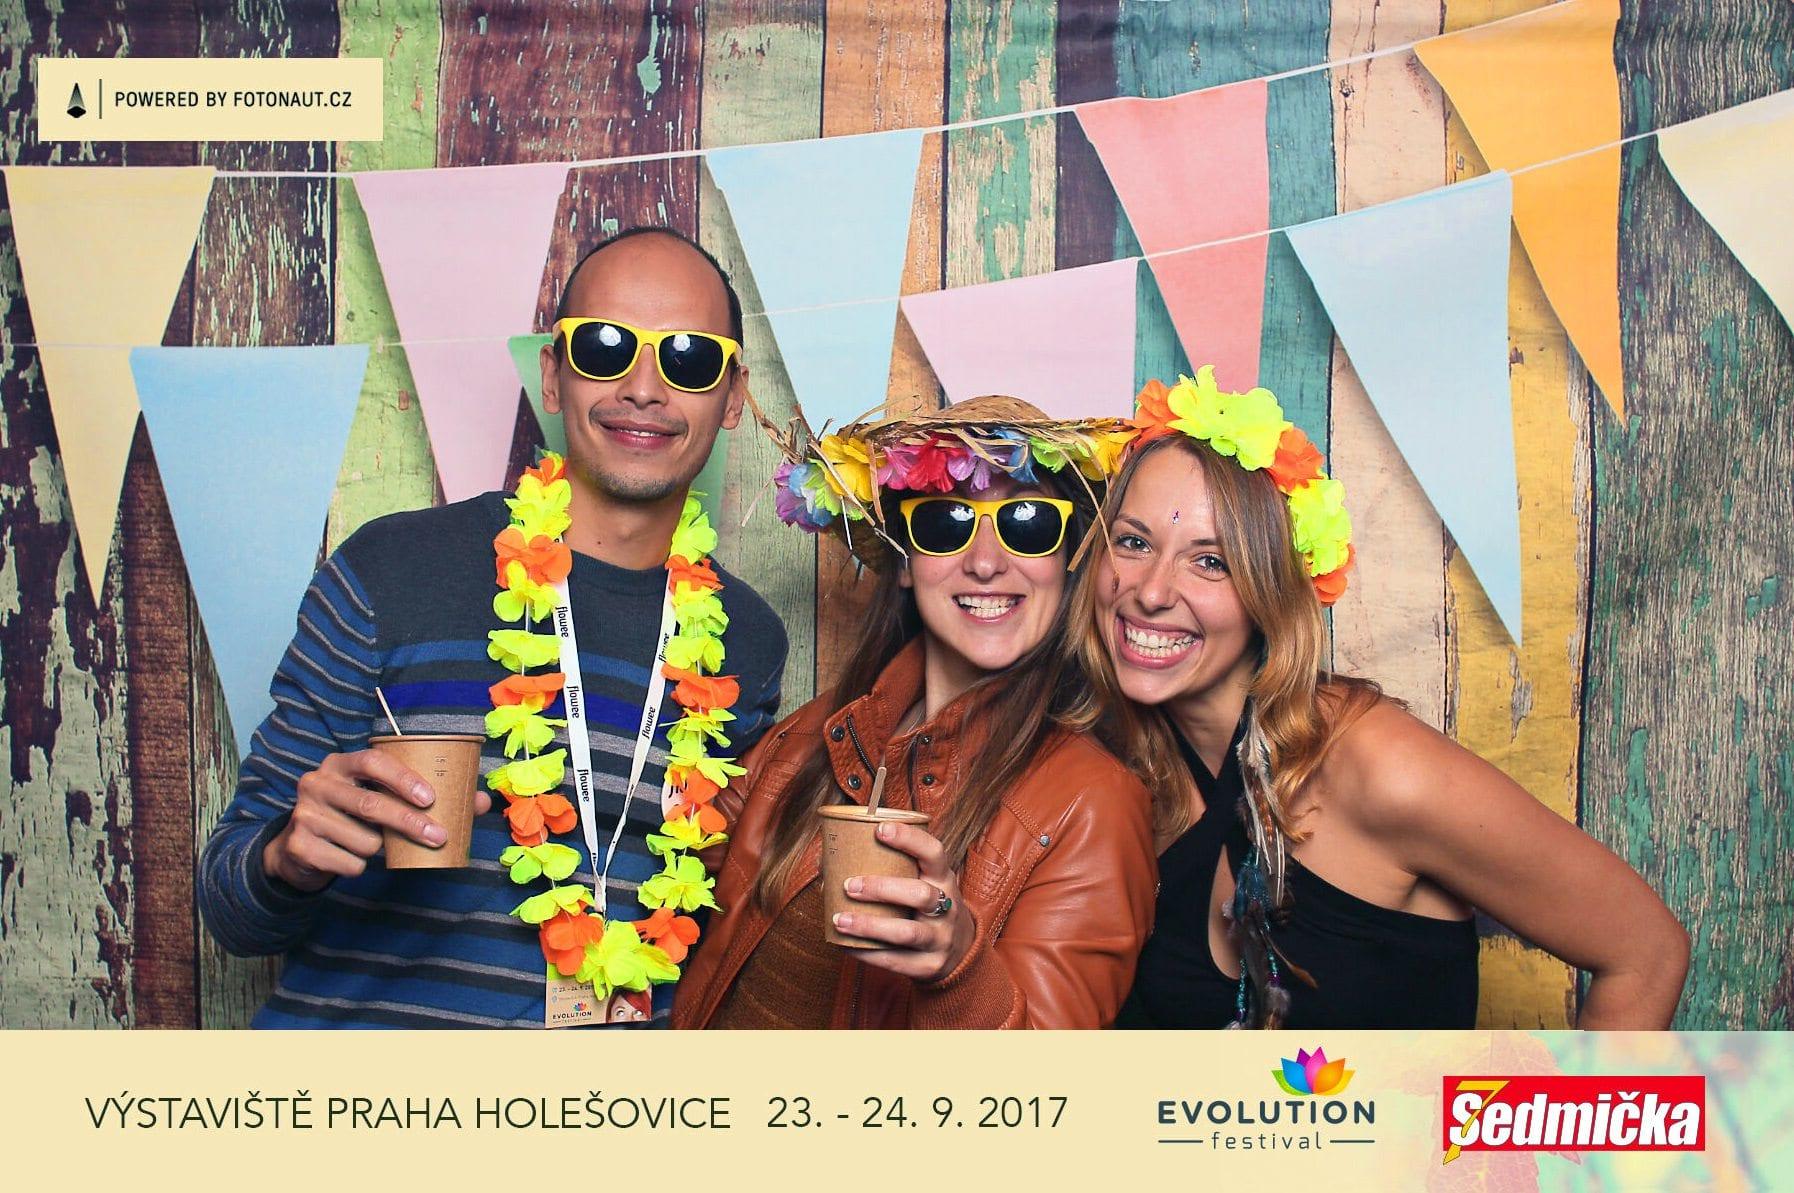 fotokoutek-evolution-festival-23-9-2017-316744